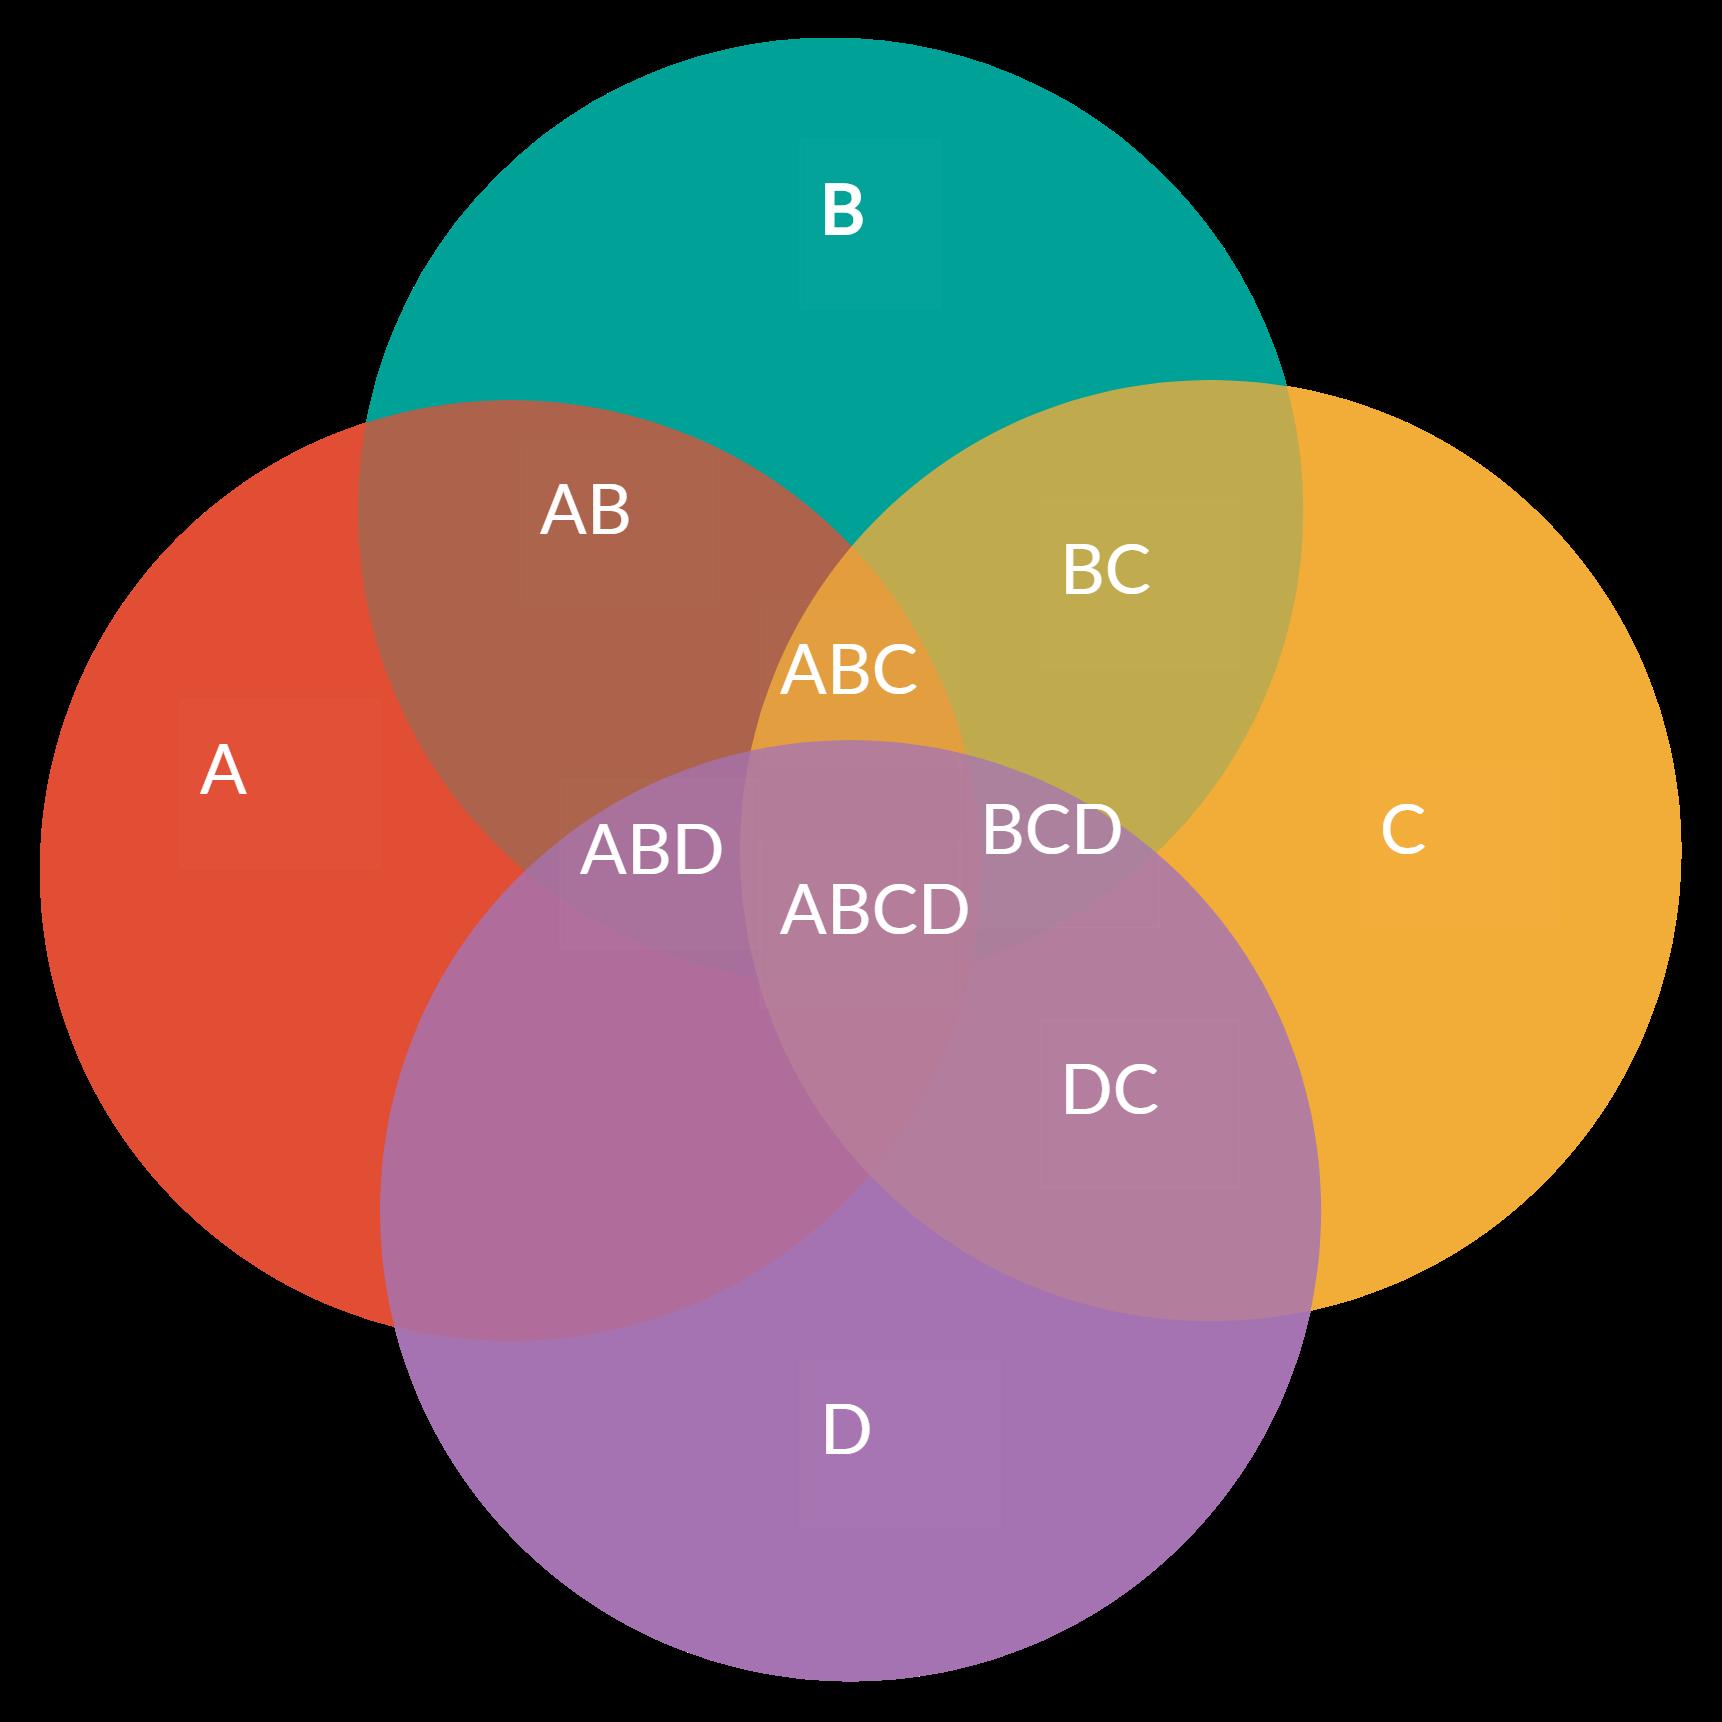 Example of a Venn Diagram